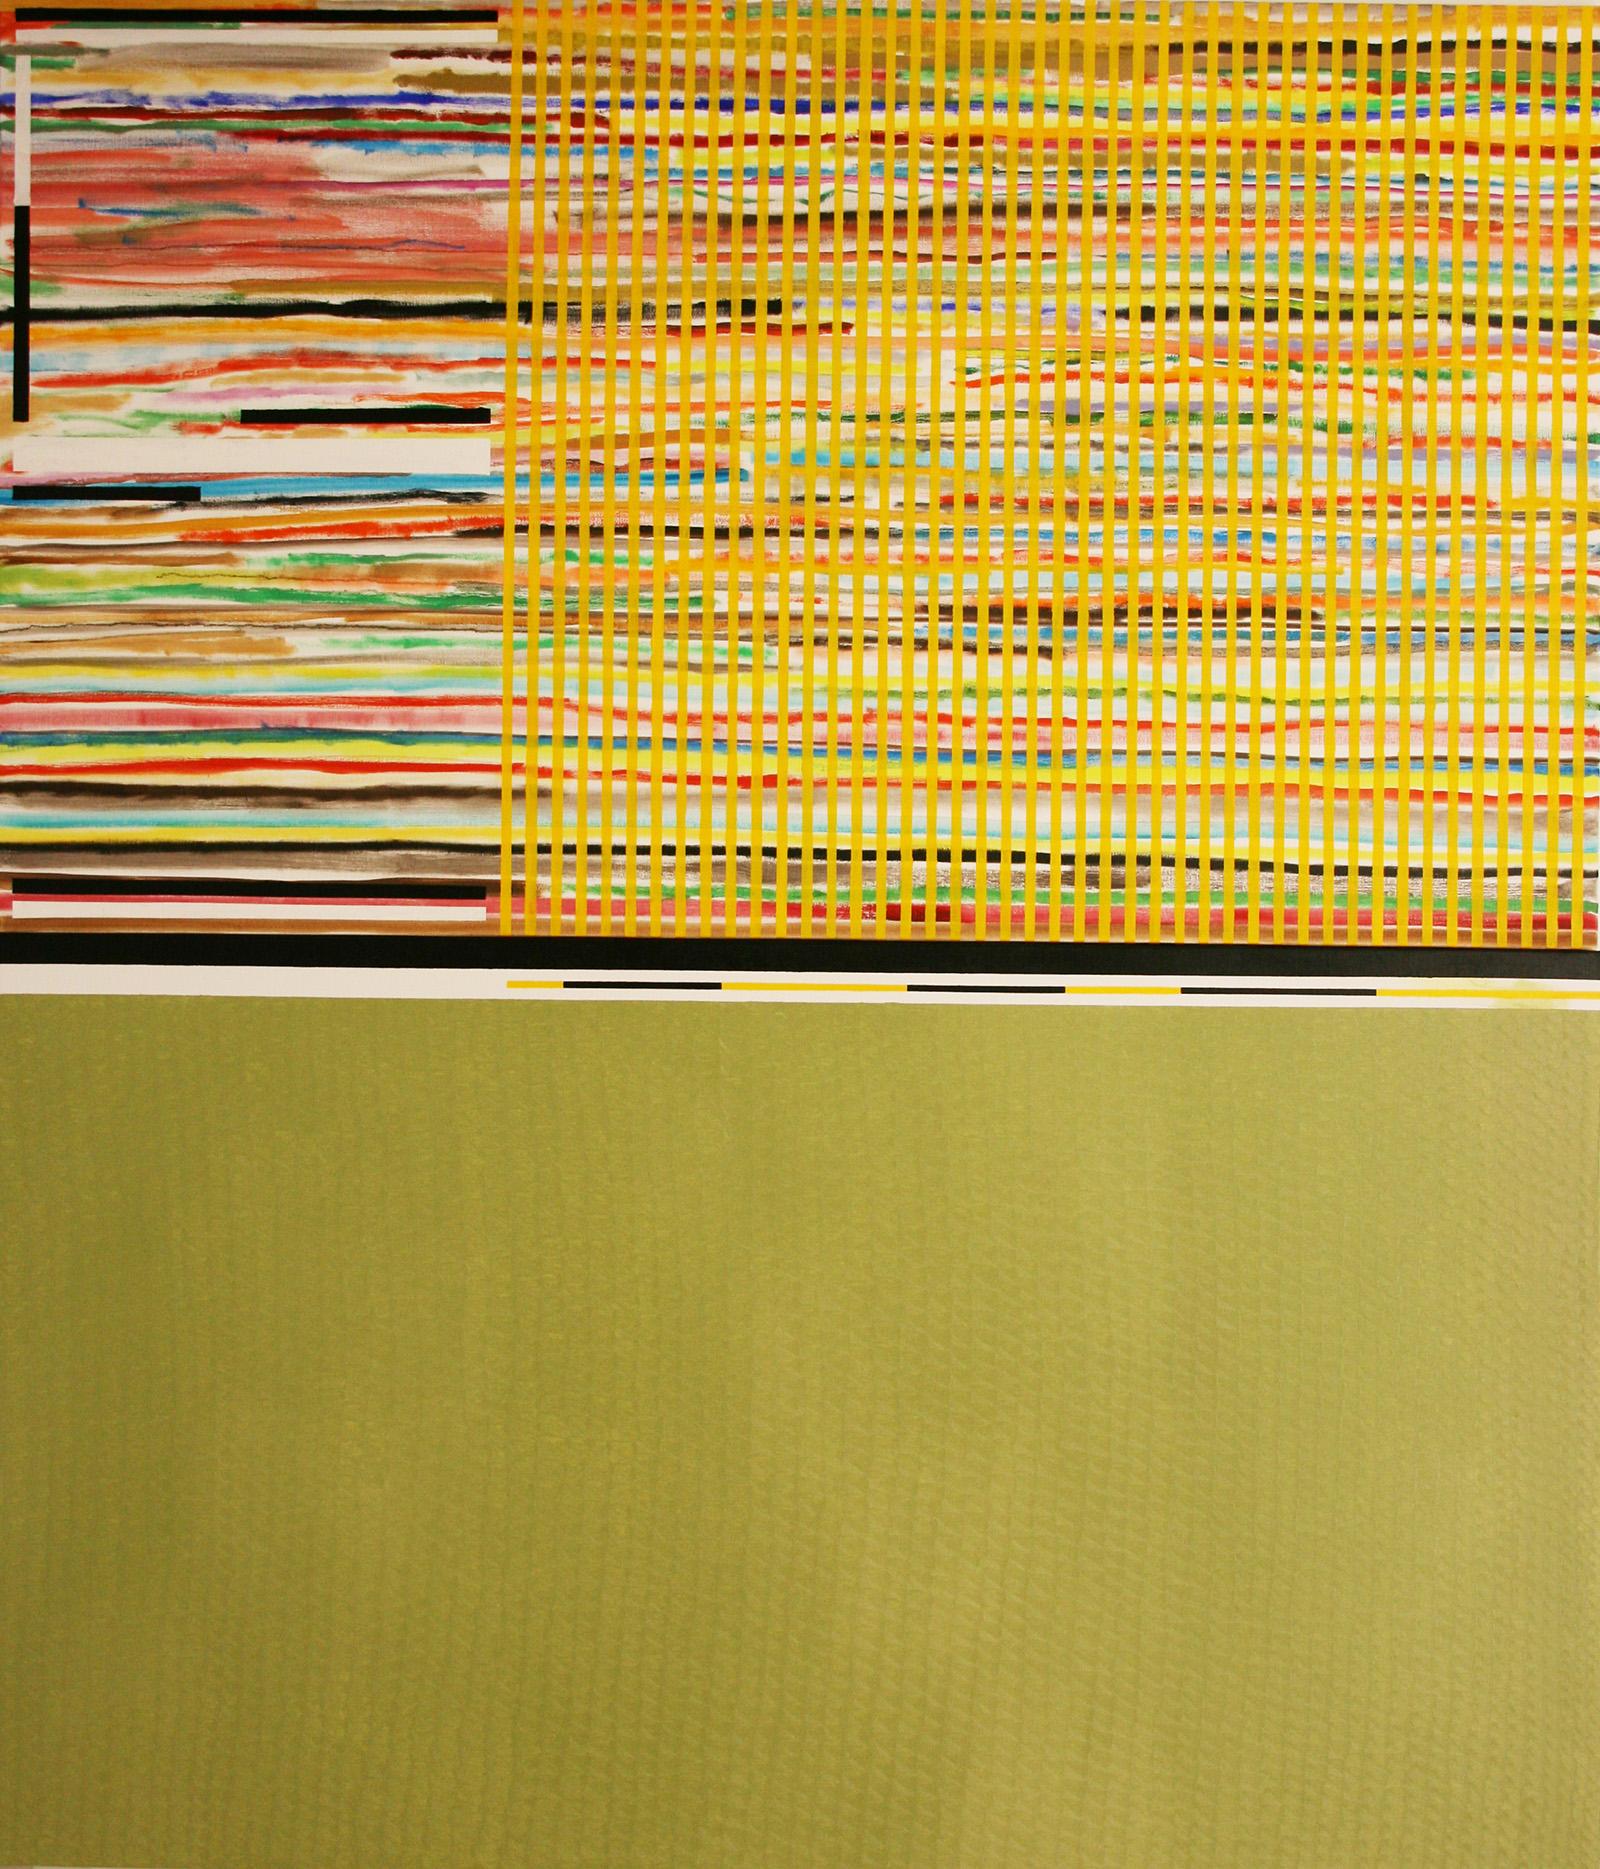 Tarig 3 -oil on canvas, diptych, 228 x 195 cm- 2016 Miquel Gelabert